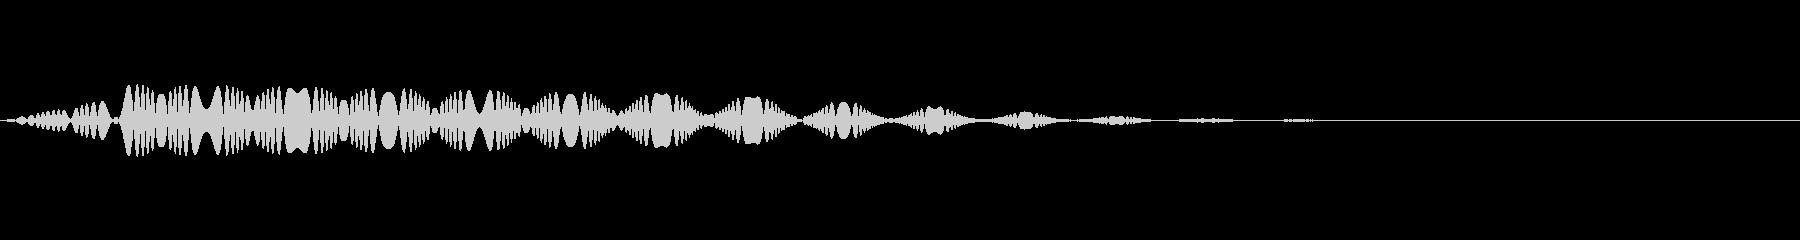 ピロピロリン(光線/超音波SNESレトロの未再生の波形